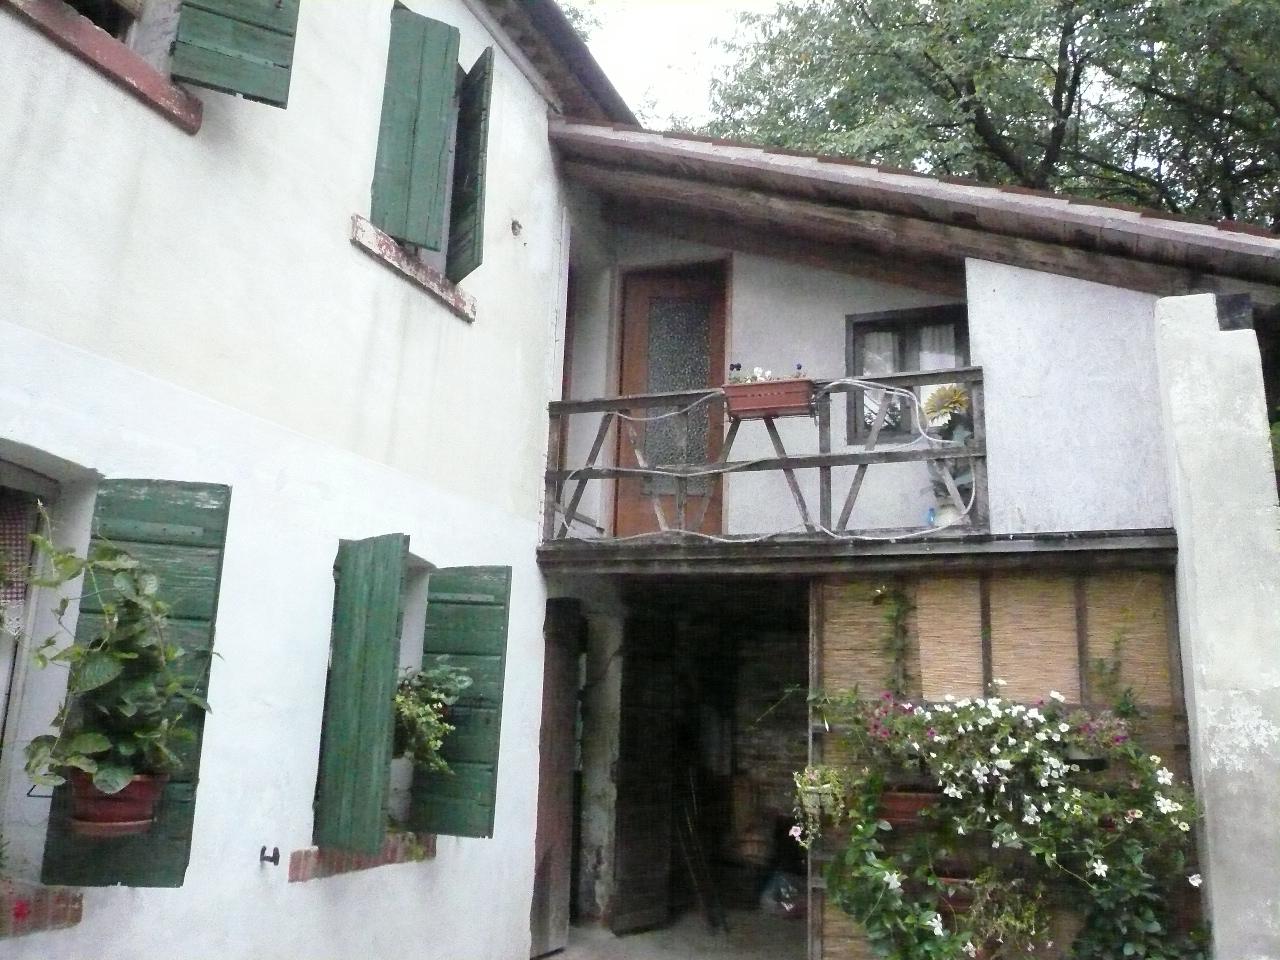 Rustico / Casale in vendita a Casale sul Sile, 8 locali, prezzo € 290.000 | Cambio Casa.it